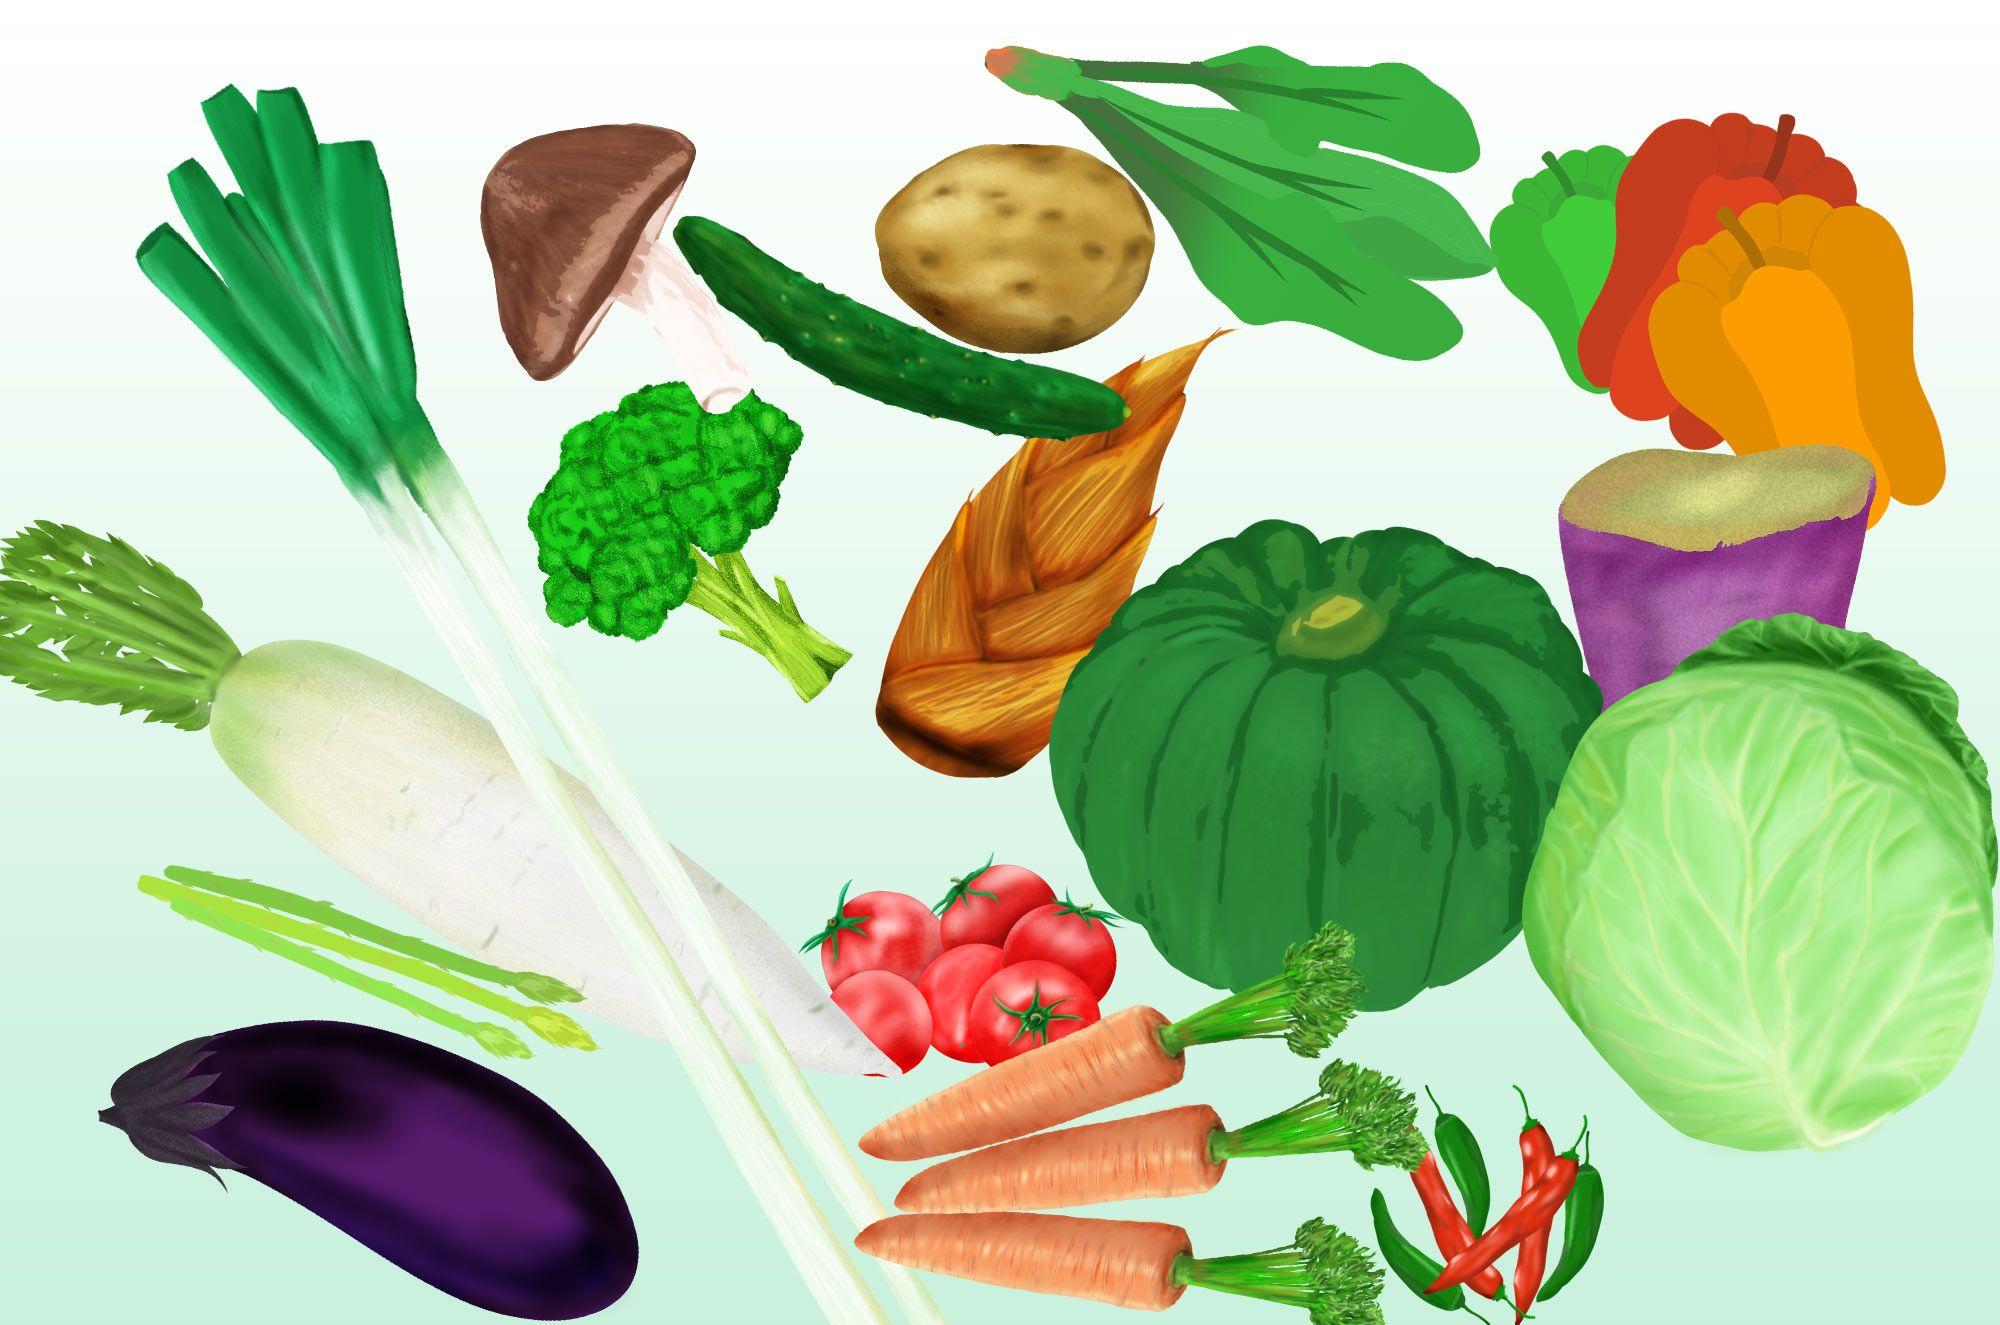 野菜イラスト フリーの手描きの可愛い無料素材 イラスト 無料